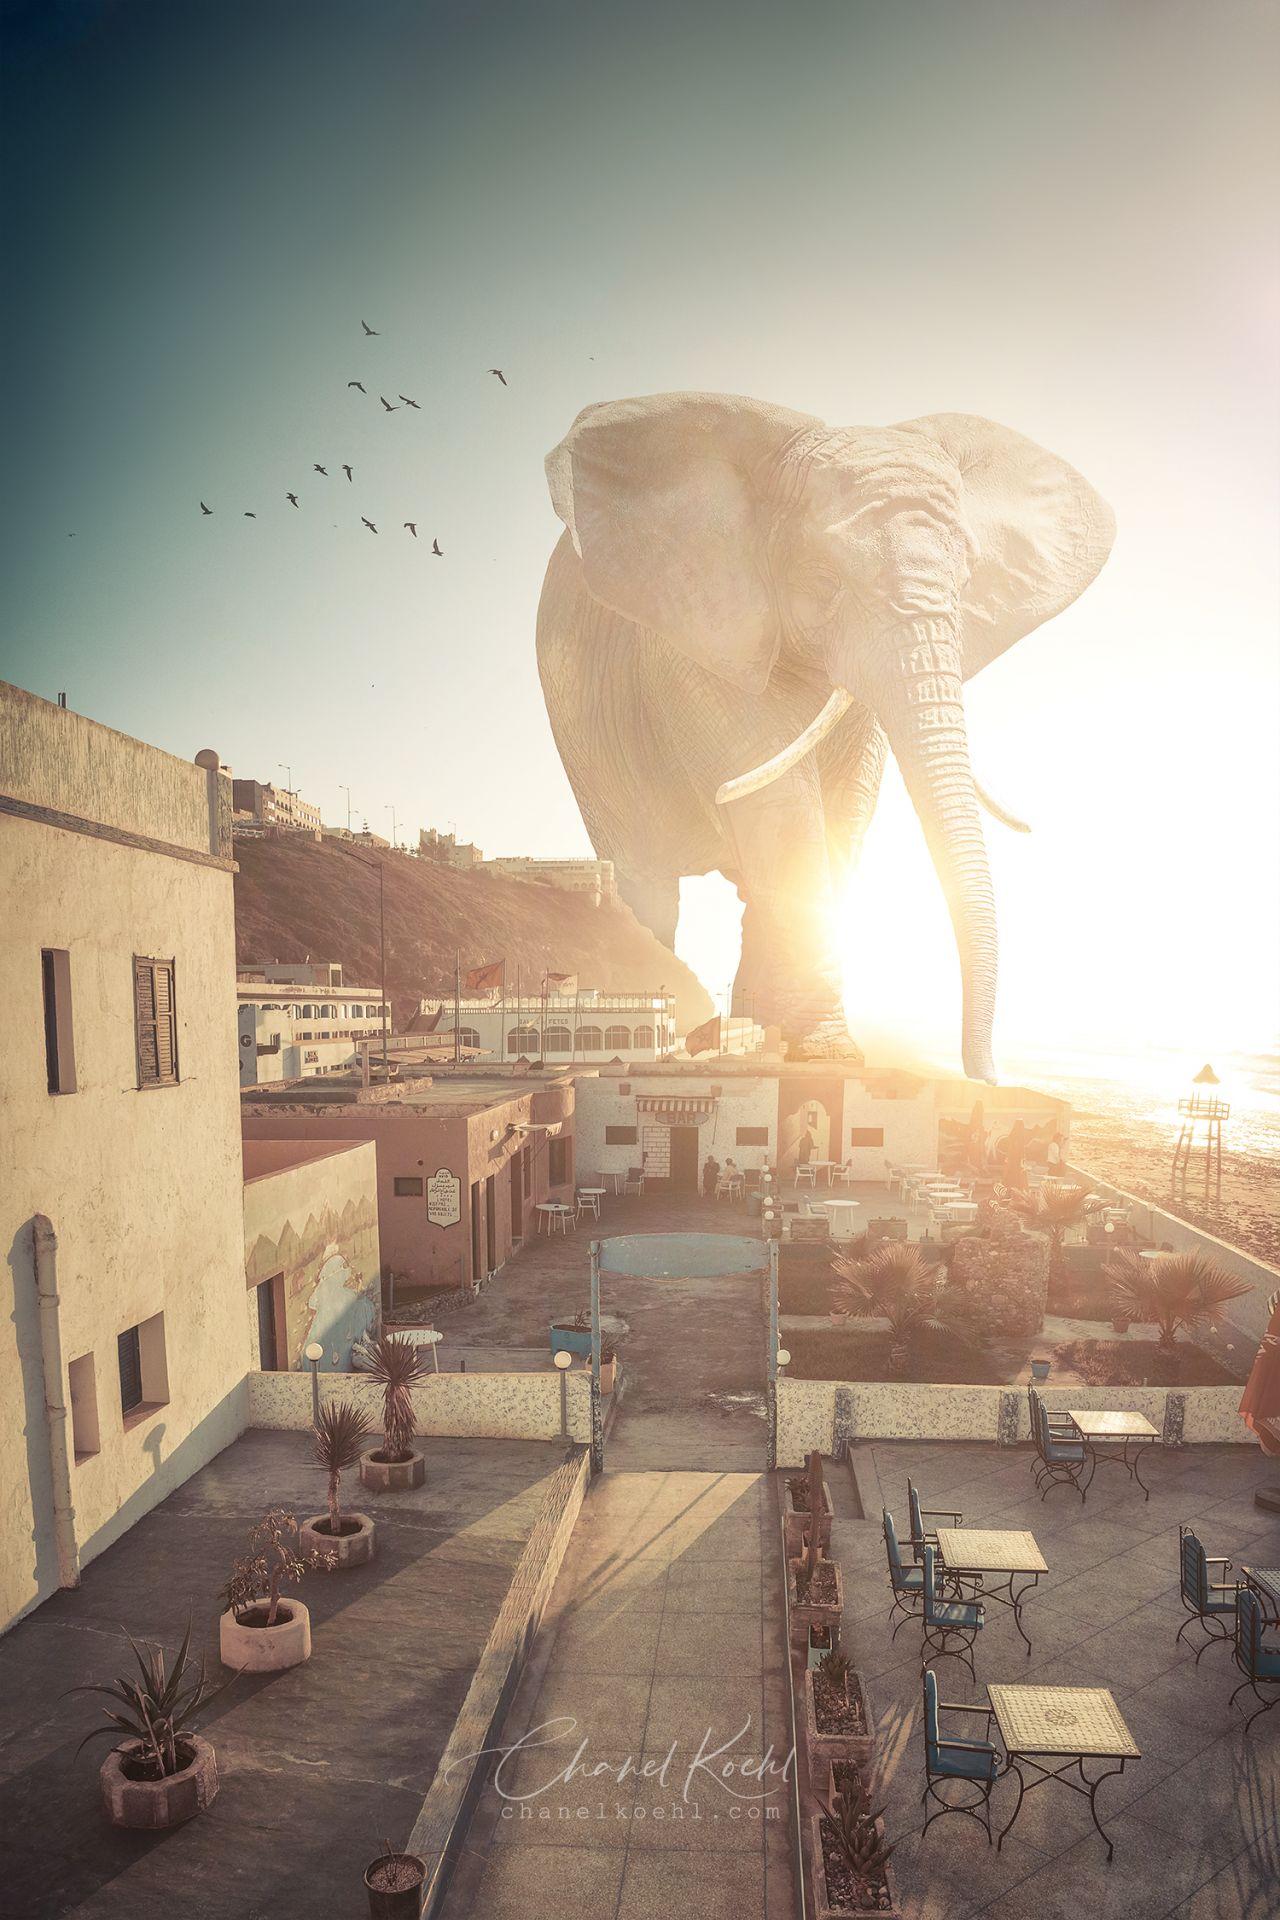 Un éléphant dans la ville - ©Chanel-Koehl